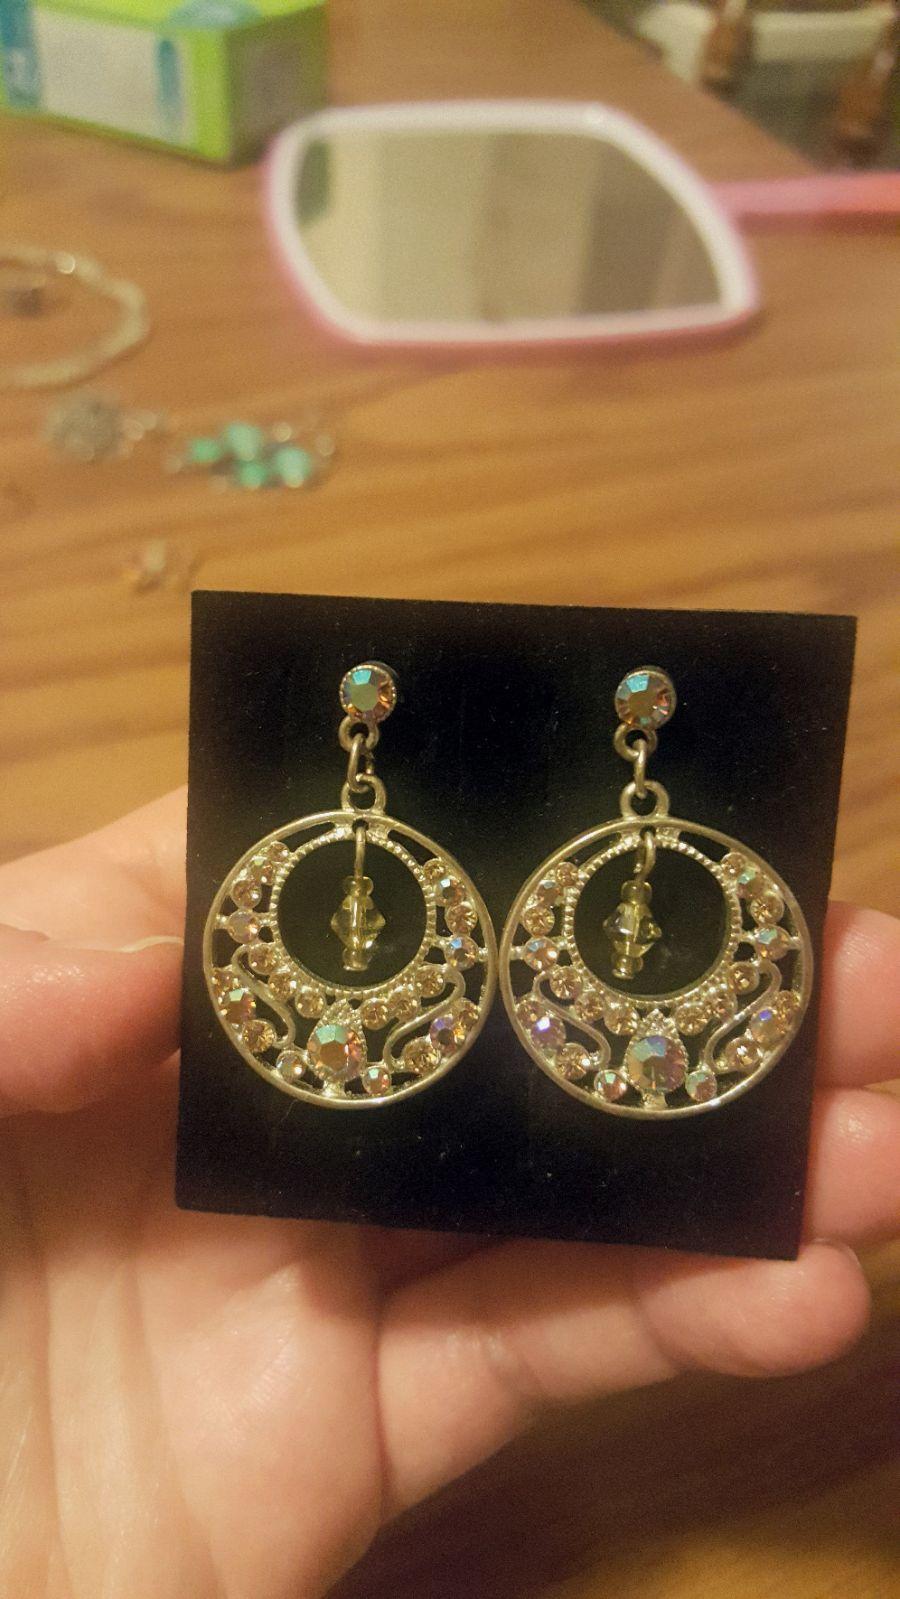 Circle crystal chandelier earrings mercari buy sell things circle crystal chandelier earrings arubaitofo Images